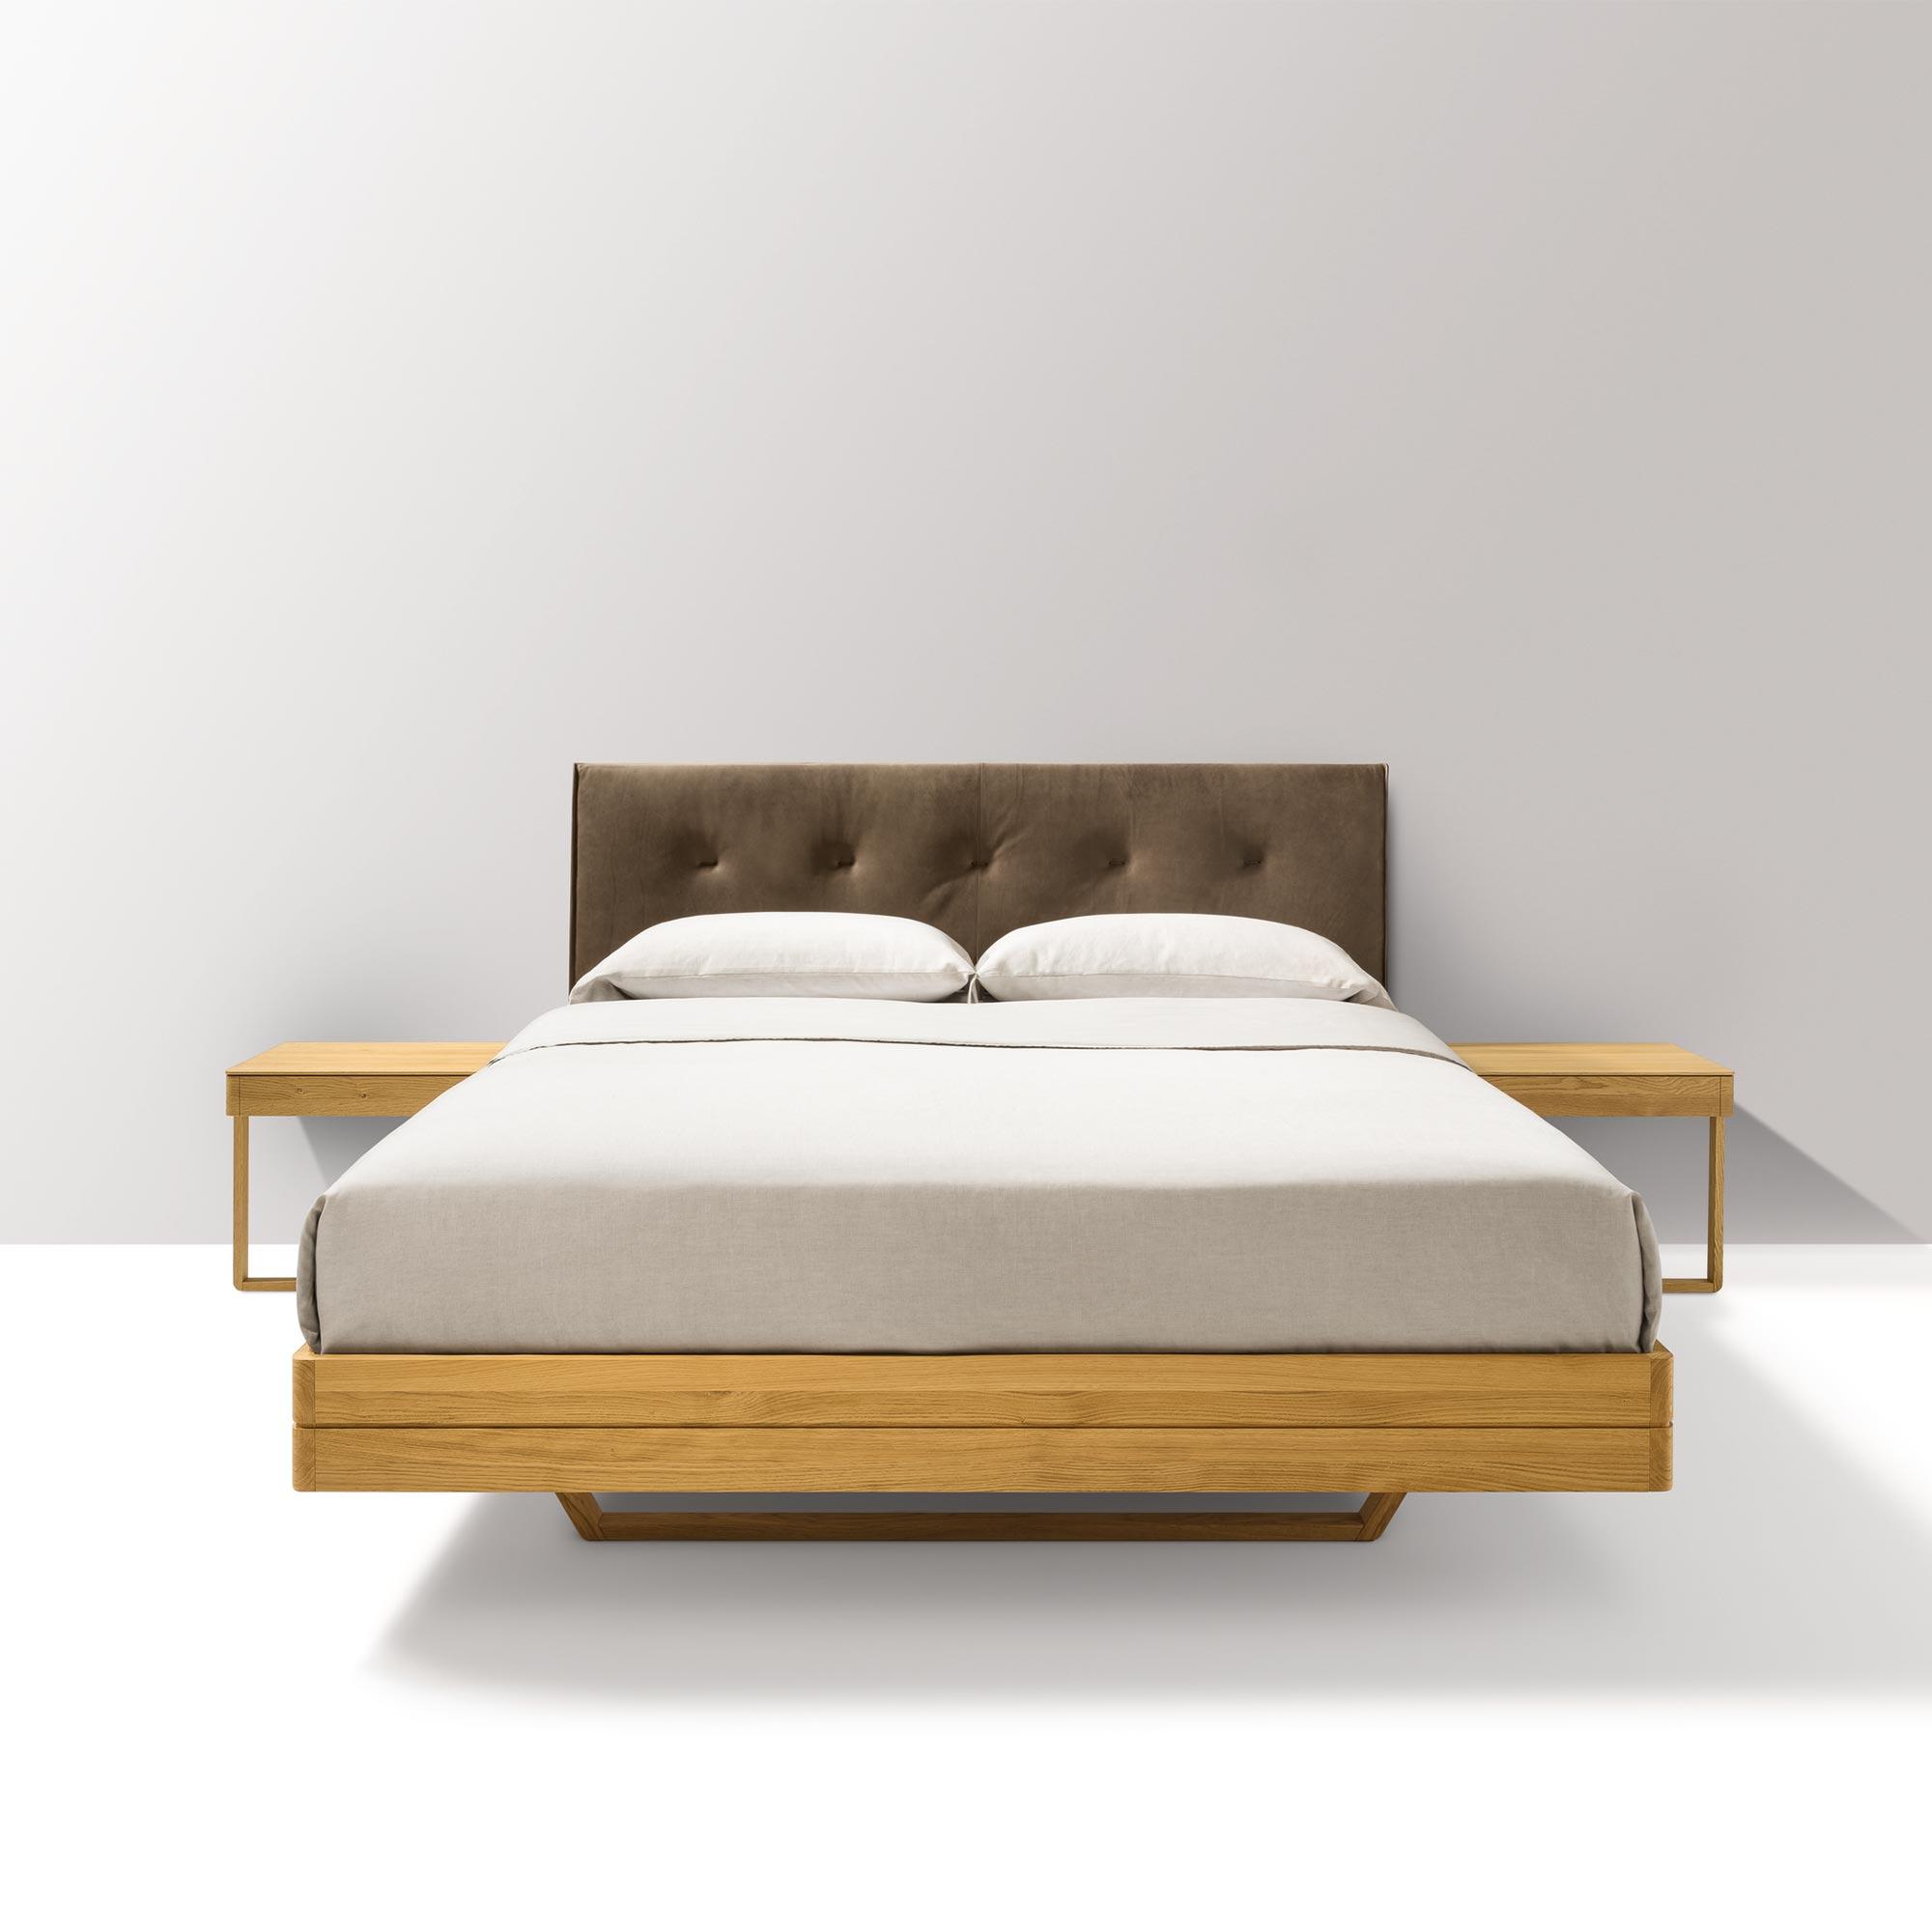 bett aus eiche bett eiche massiv stahlfe tjoernbo modern sleep with bett aus eiche bett eiche. Black Bedroom Furniture Sets. Home Design Ideas